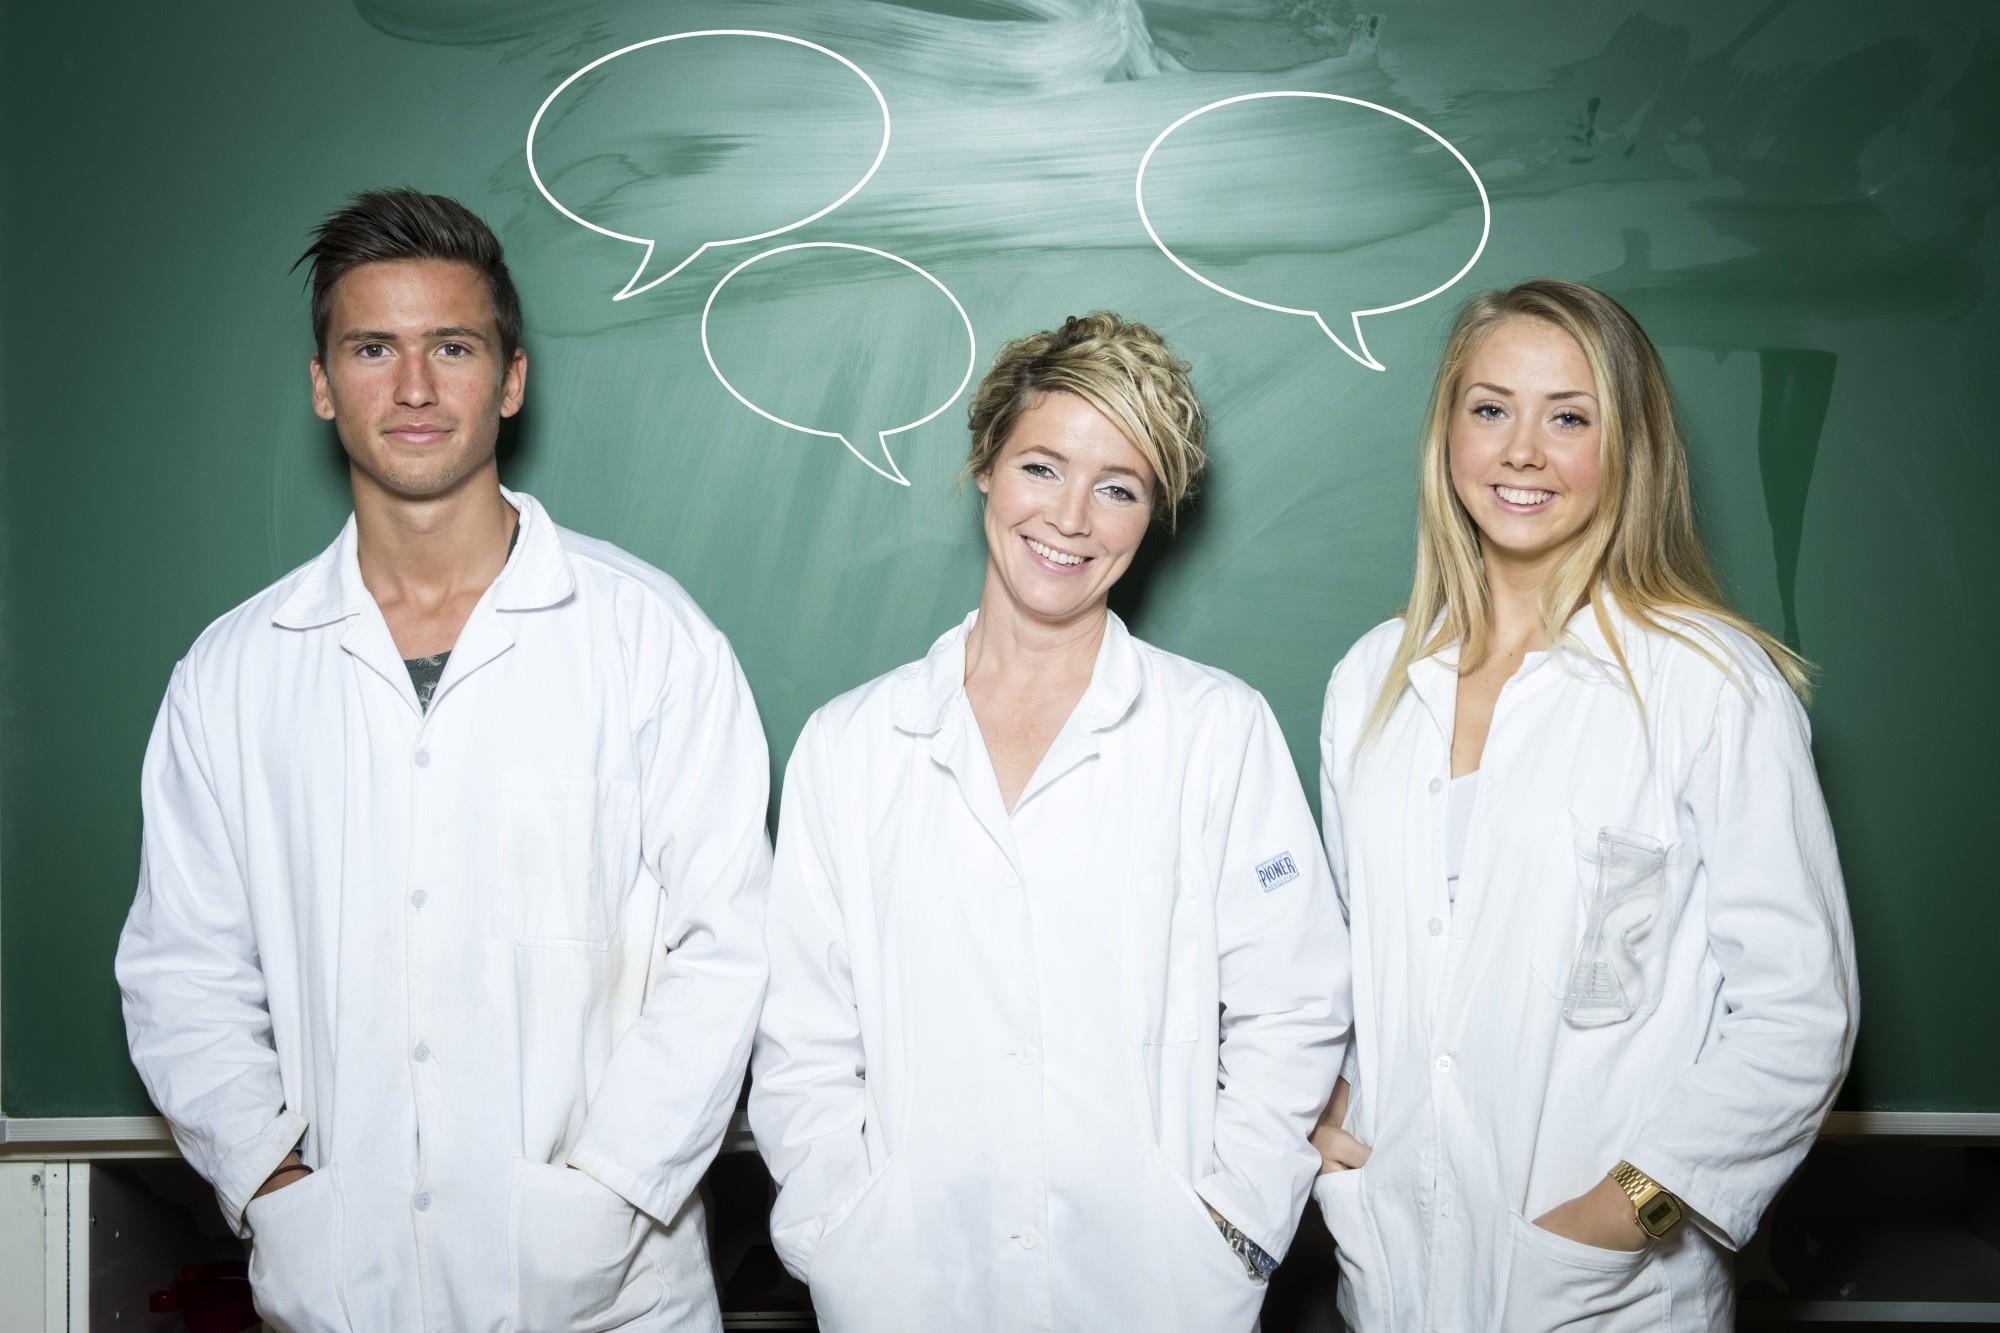 PVS-bilde av lærervikar og to elever foran en tavle i naturfagstime